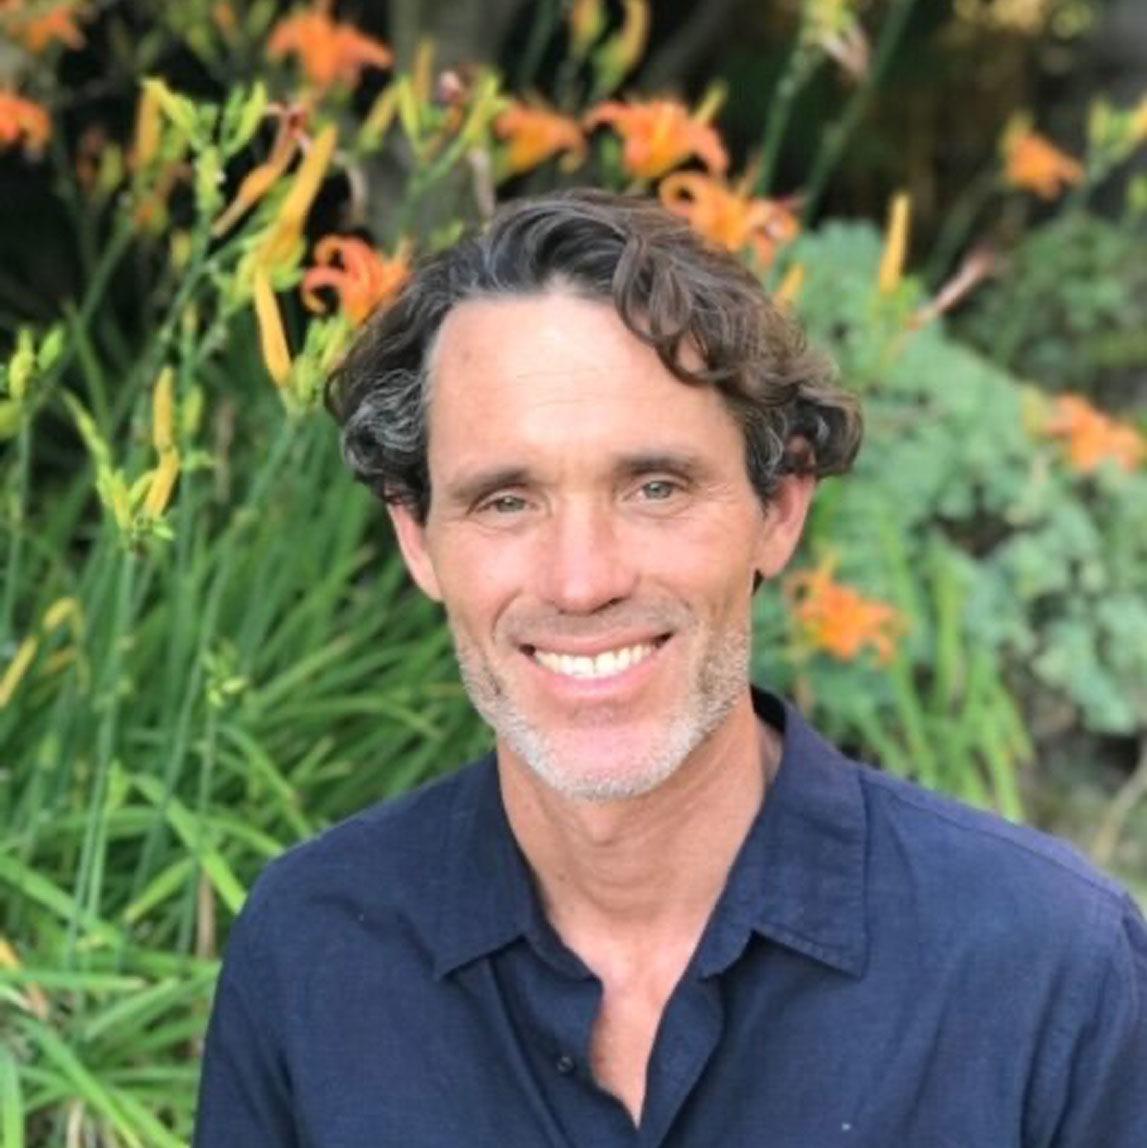 Scott Blossom